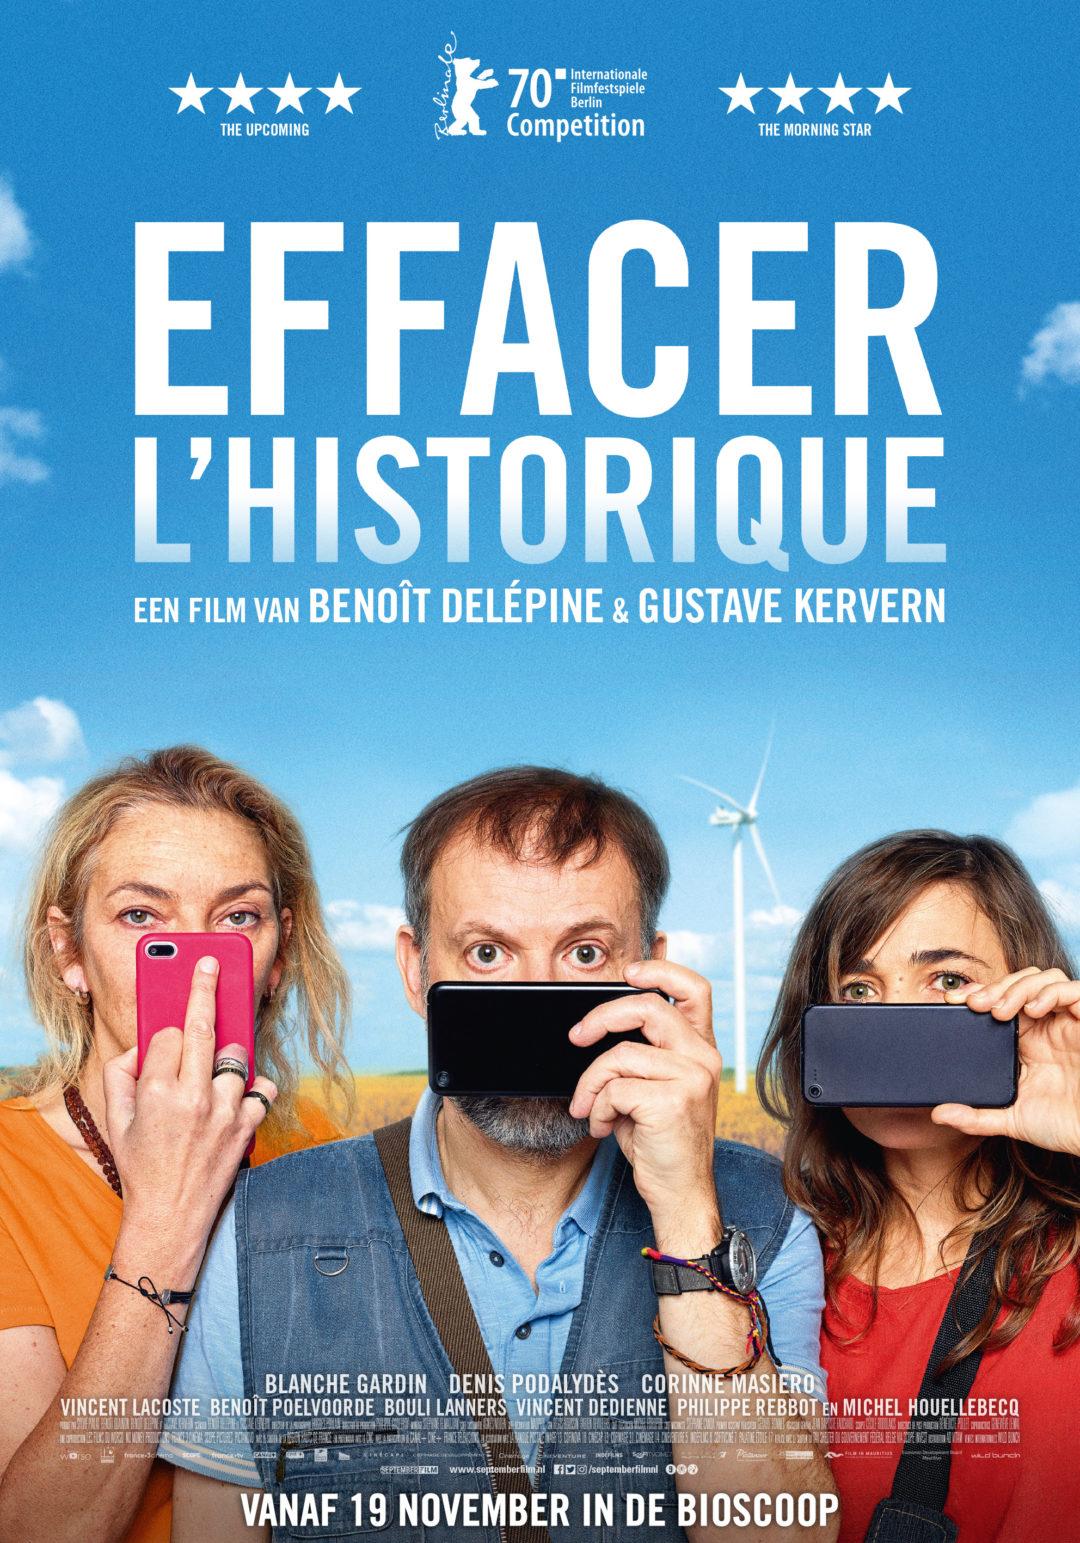 Effacer-l-historique_ps_1_jpg_sd-high.jpg